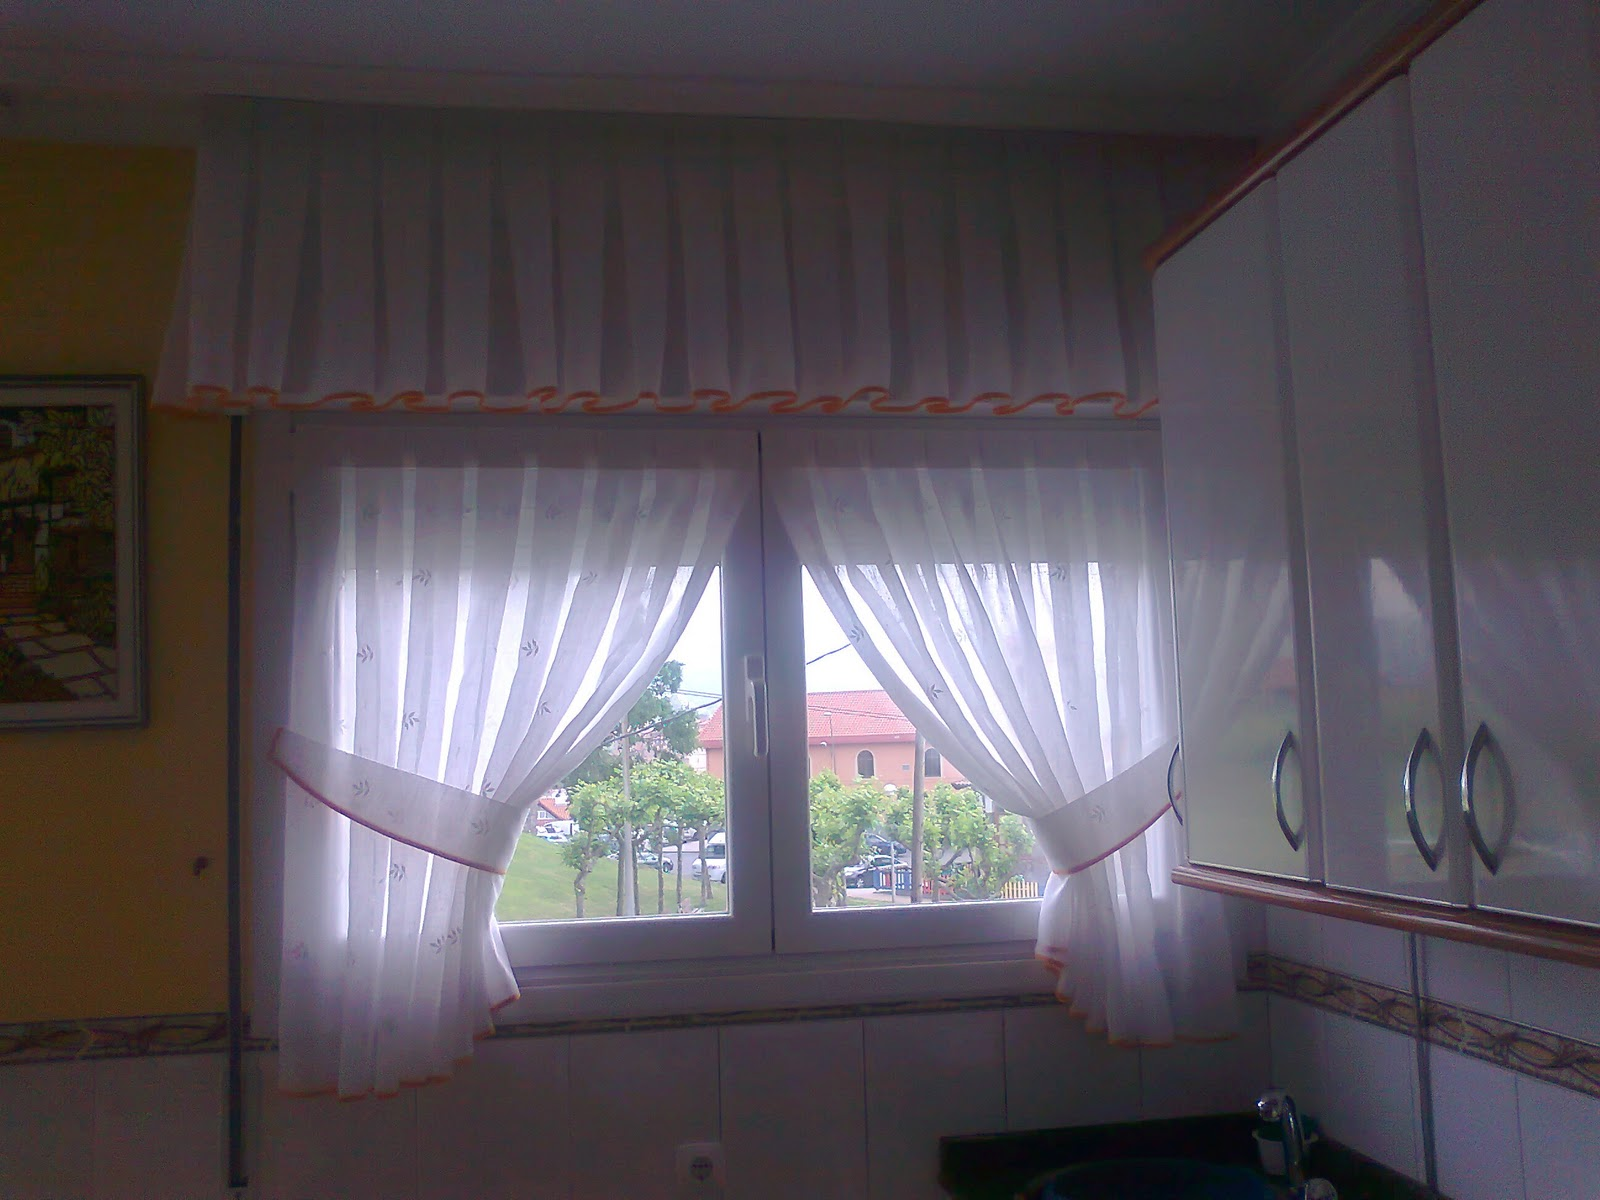 Cortinas c y d visillos cocina con abrazaderas y velcro y - Formas de cortinas ...